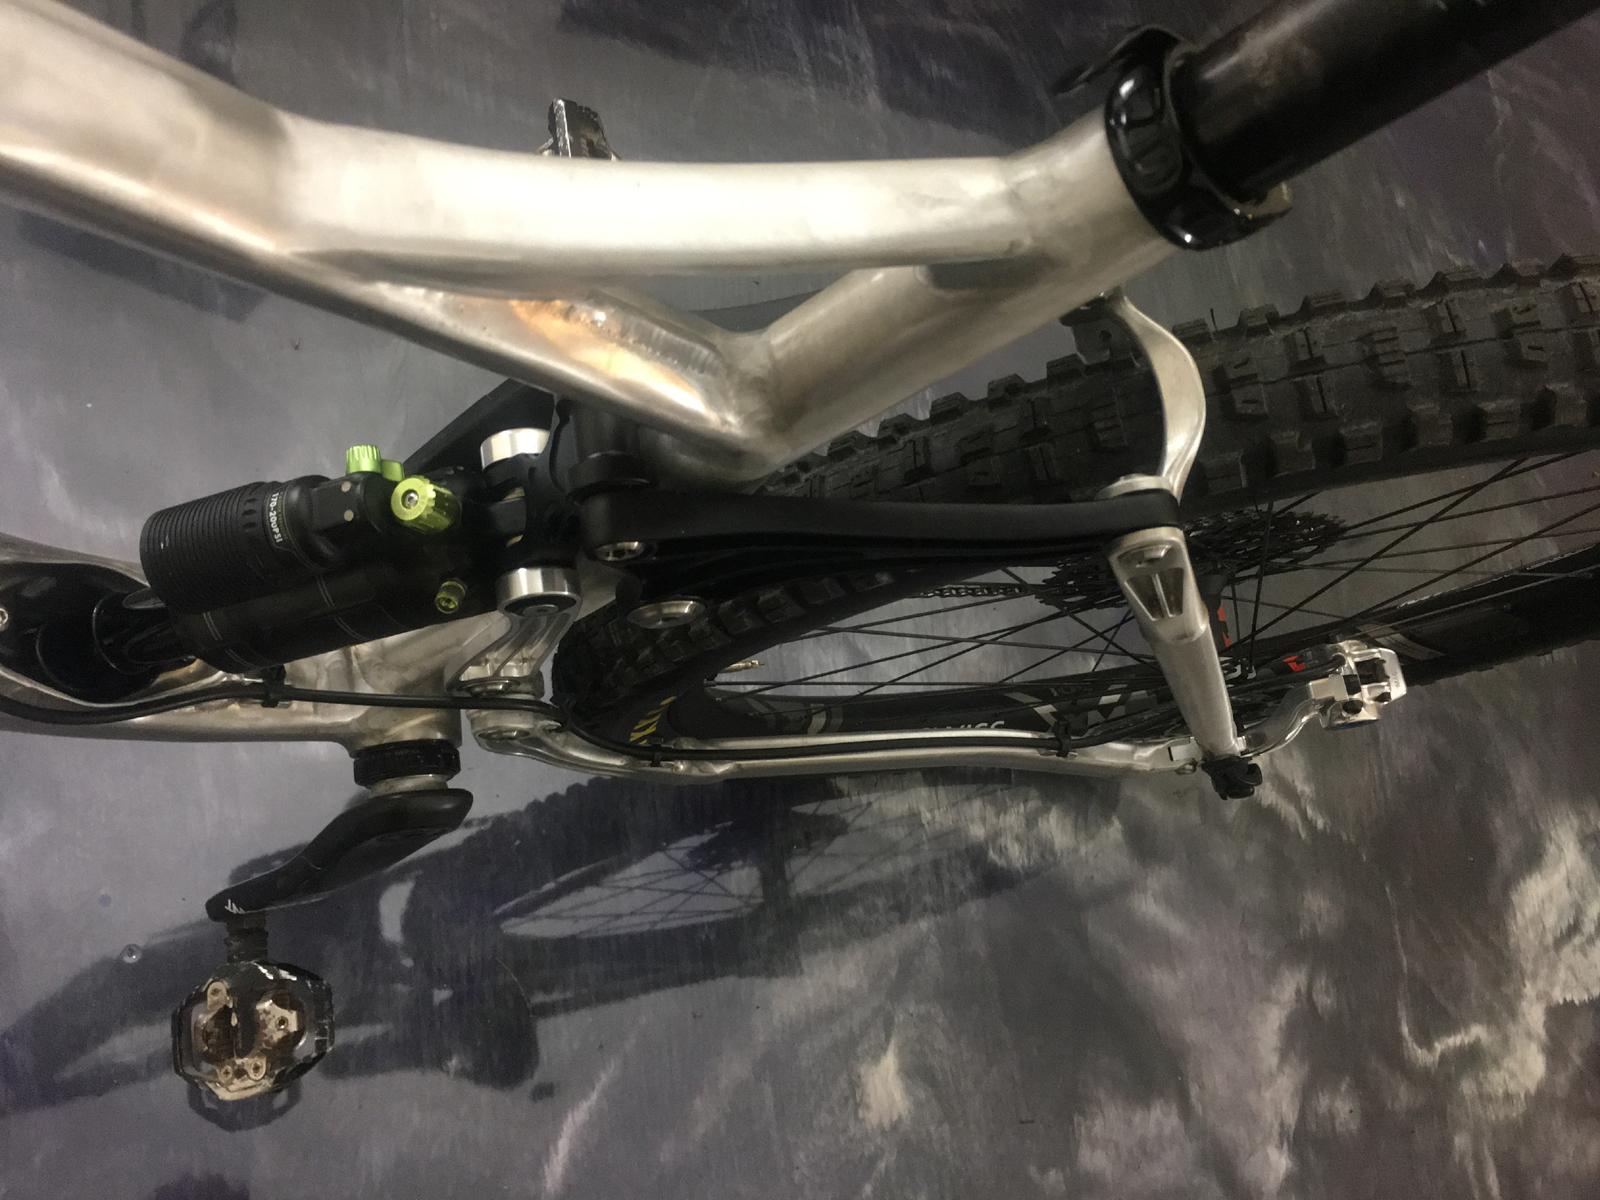 bike downwarrd angle.jpg